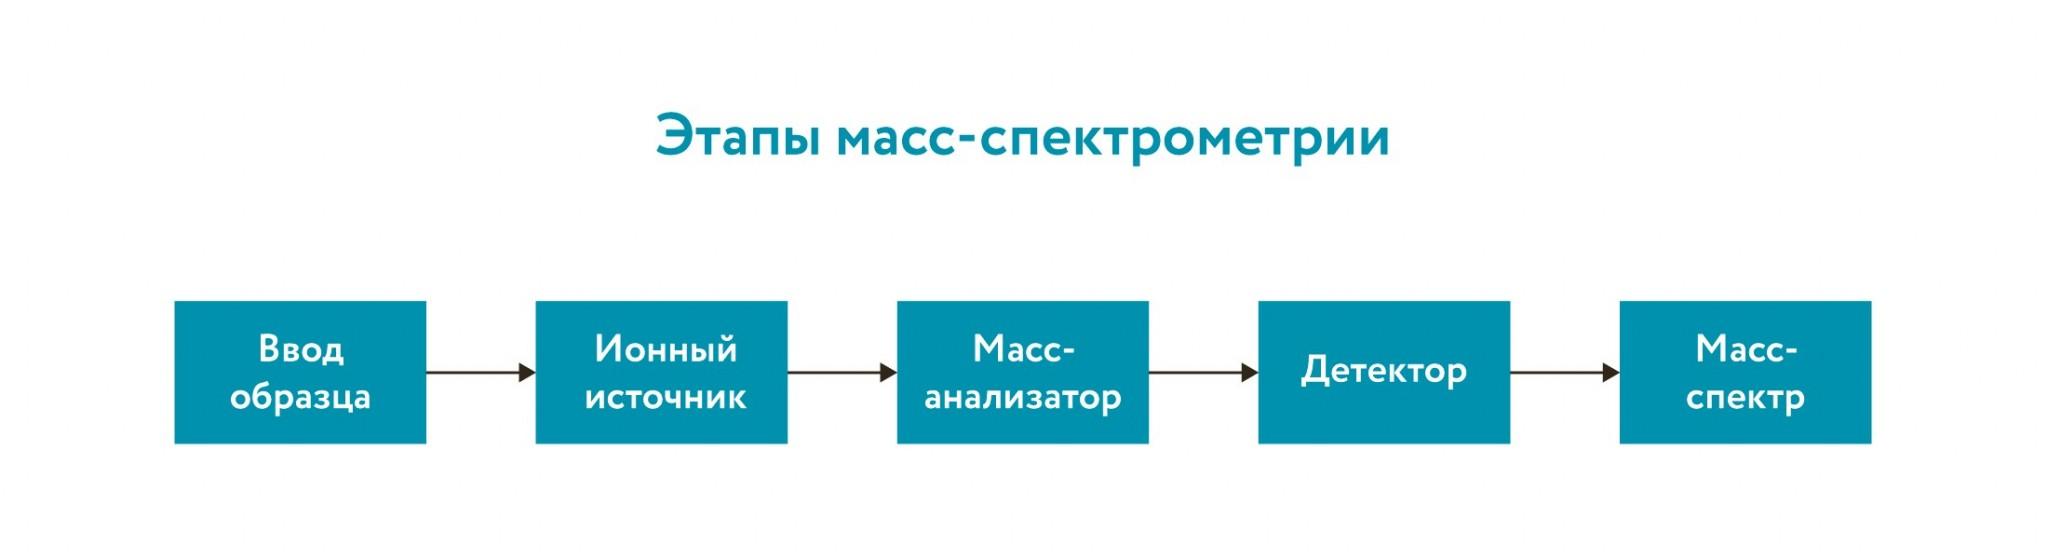 mass-spektrometriya